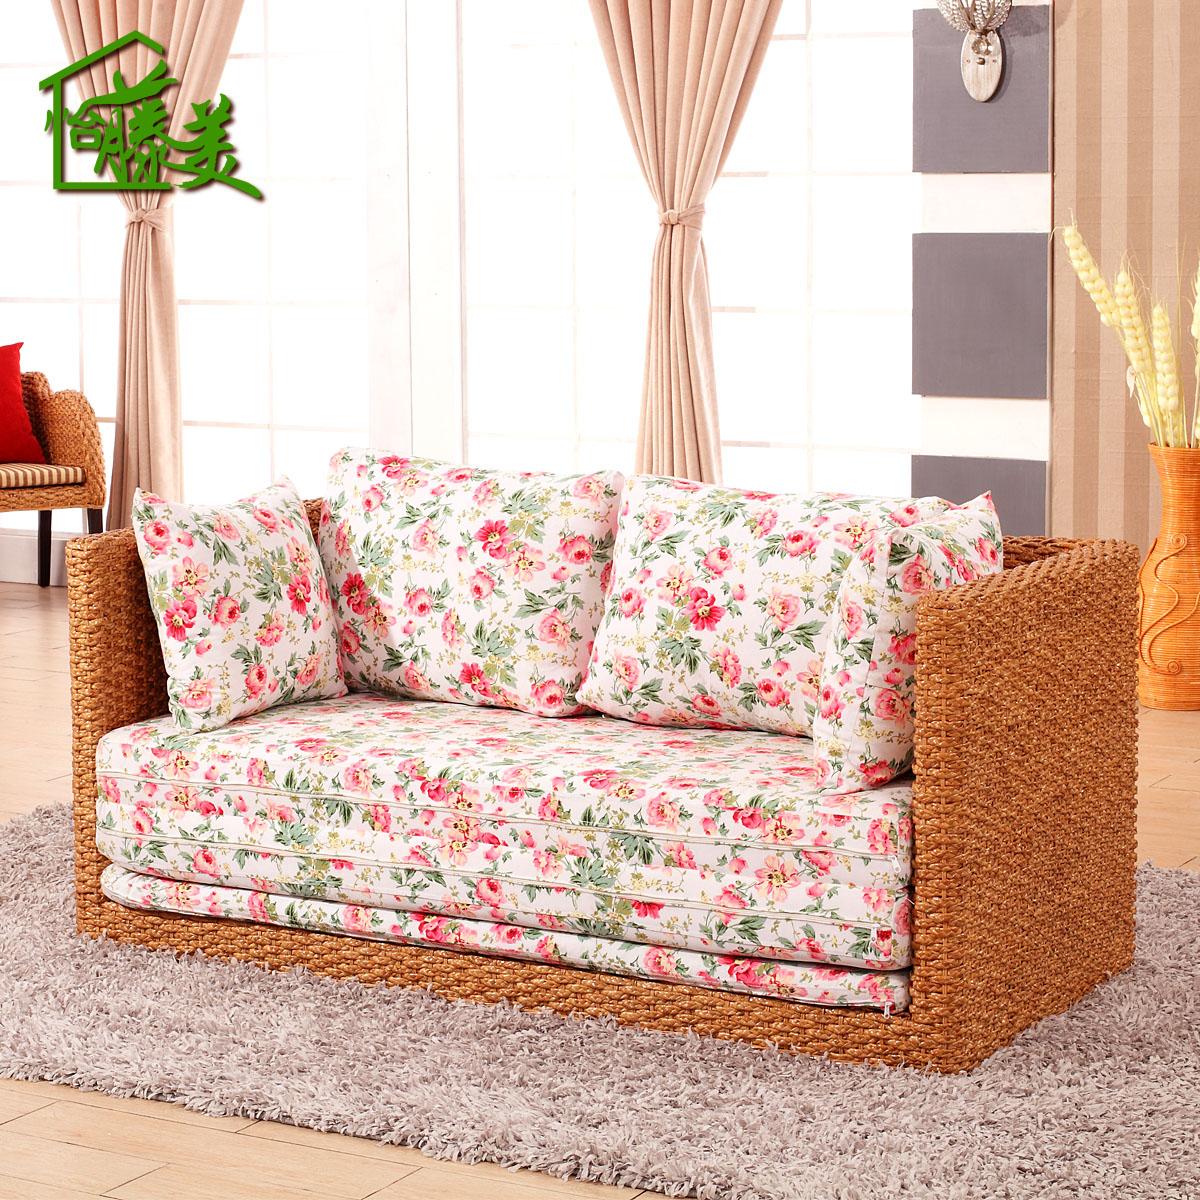 Buy Mei Yi Rattan Furniture Rattan Cane Rattan Sofa Bed